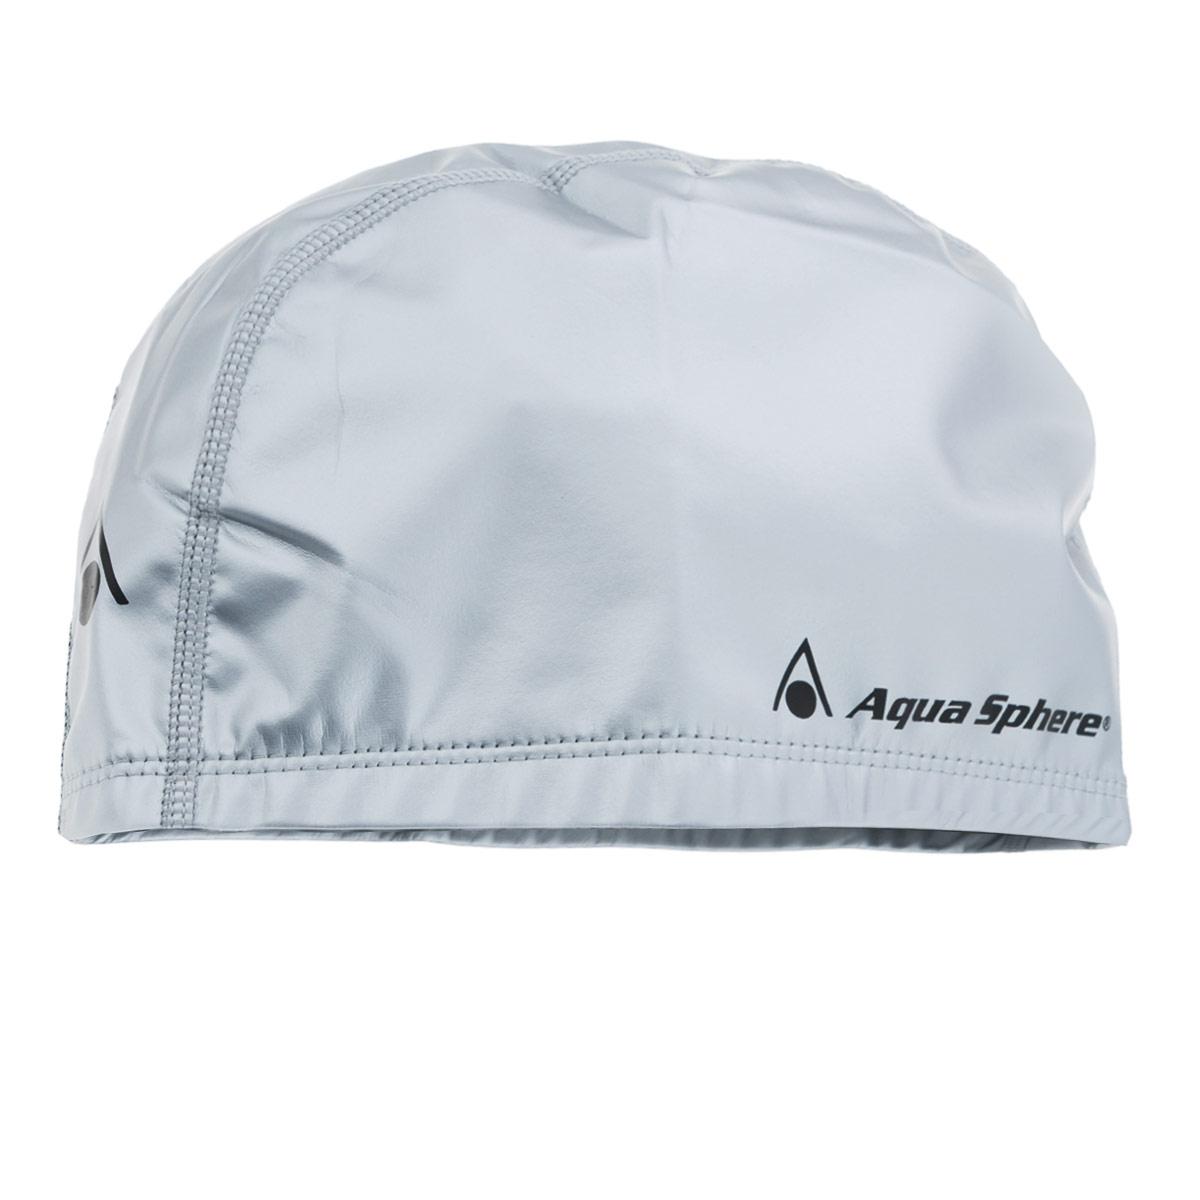 Шапочка для плавания Aqua Sphere Aqua Speed, цвет: серебристый10007083Плавательная шапочка Aqua Sphere Aqua Speed выполнена из двухкомпонентного материала. Мягкий эластичный материал внутри для максимального комфорта (90% полиэстер) и герметичный высокопрочный материал снаружи (10% резина).